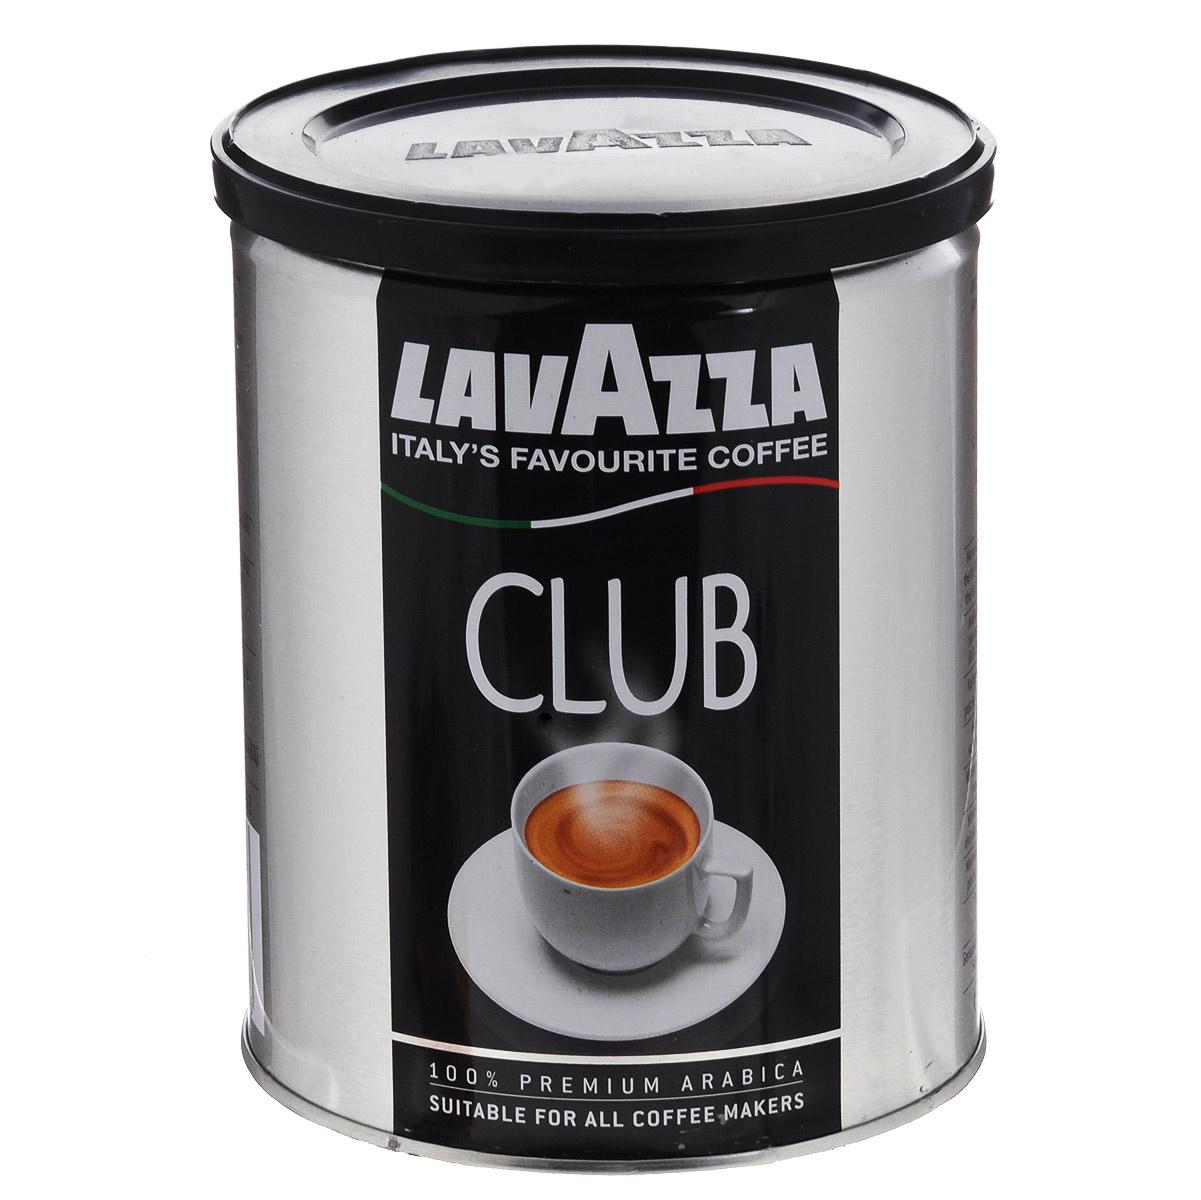 Lavazza Club кофе молотый, 250 г (ж/б)0120710Сырье для кофе Lavazza Club поступает с небольших южноамериканских плантаций.Кофе представляет собой купаж из стопроцентной арабики и обладает ярко выраженным вкусом, с немного горьковатым привкусом и приятным послевкусием.